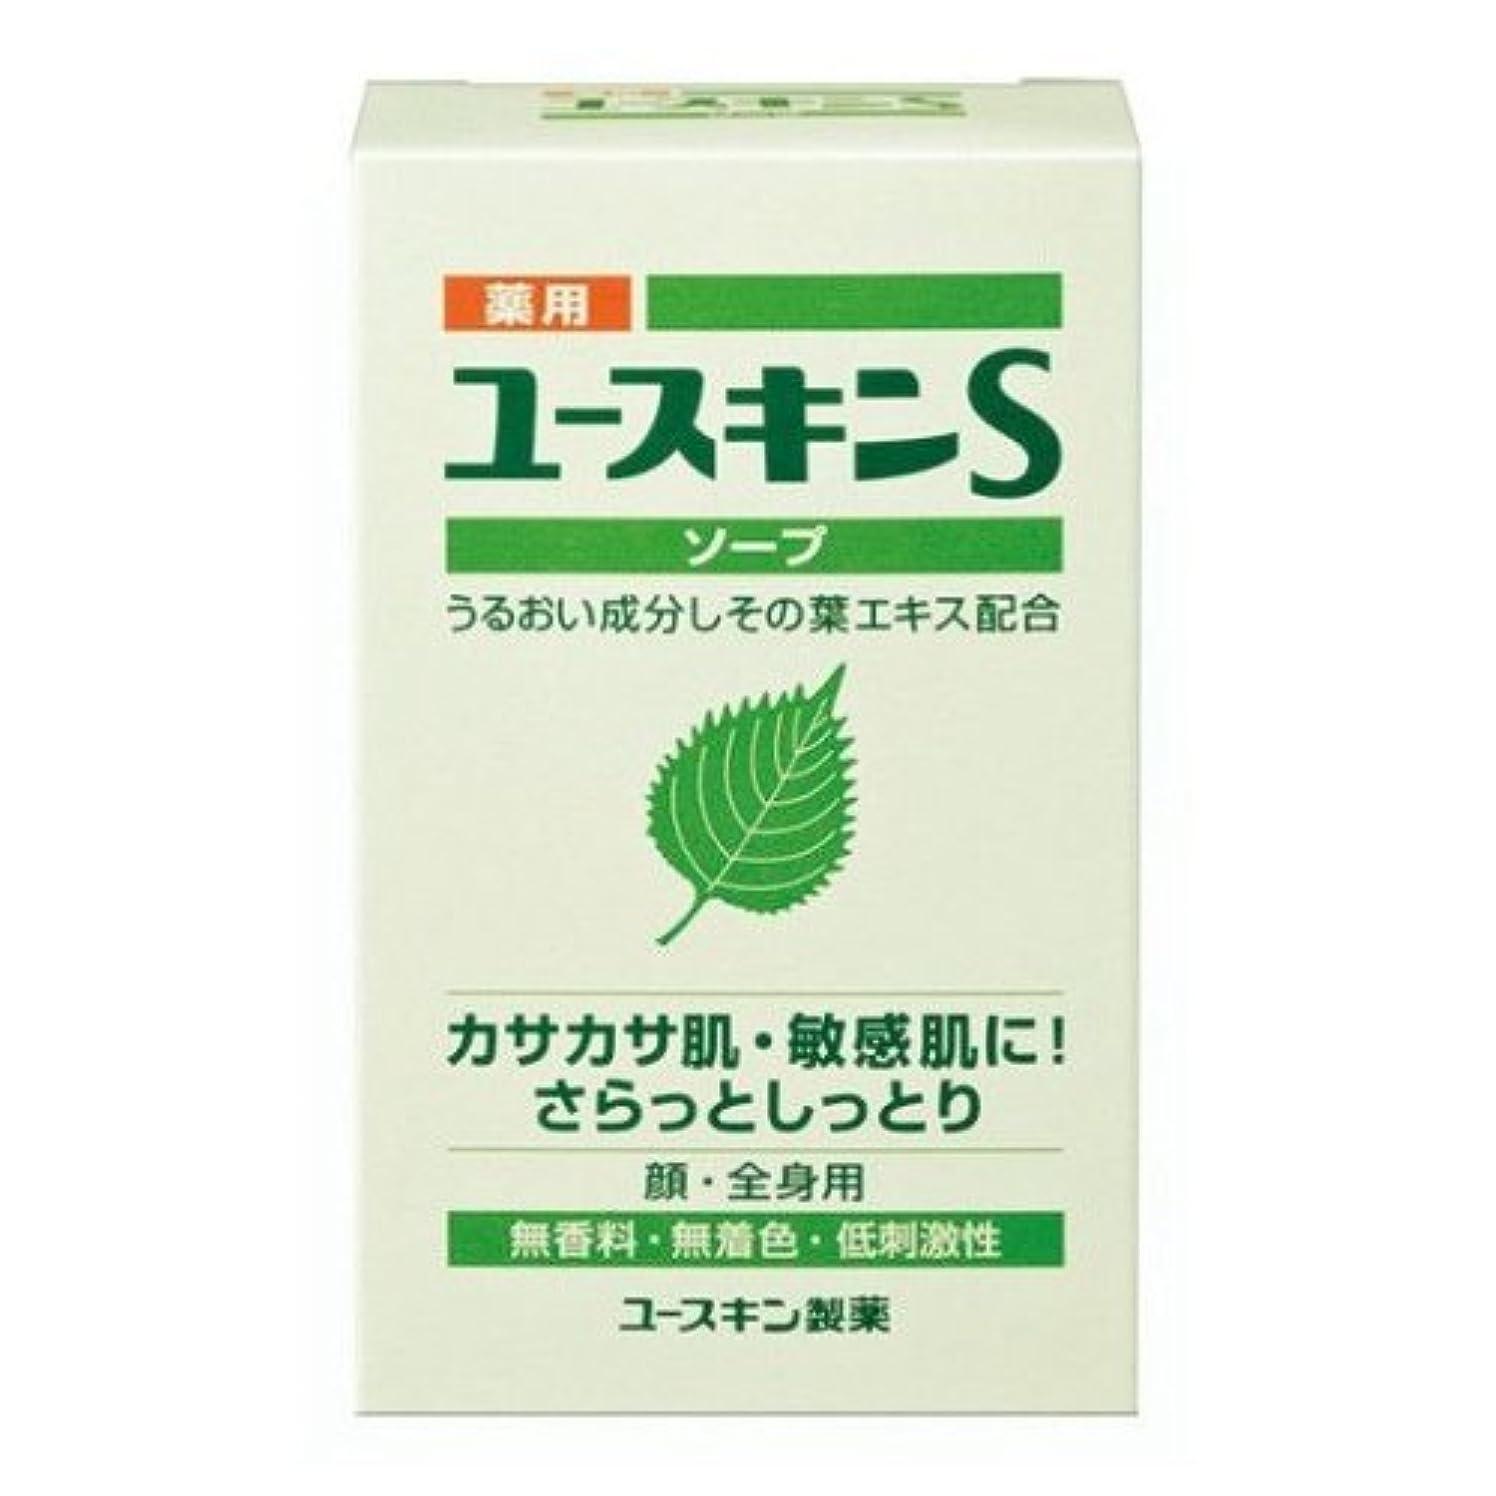 驚き結核代名詞薬用ユースキンS ソープ 90g (敏感肌用 透明石鹸) 【医薬部外品】